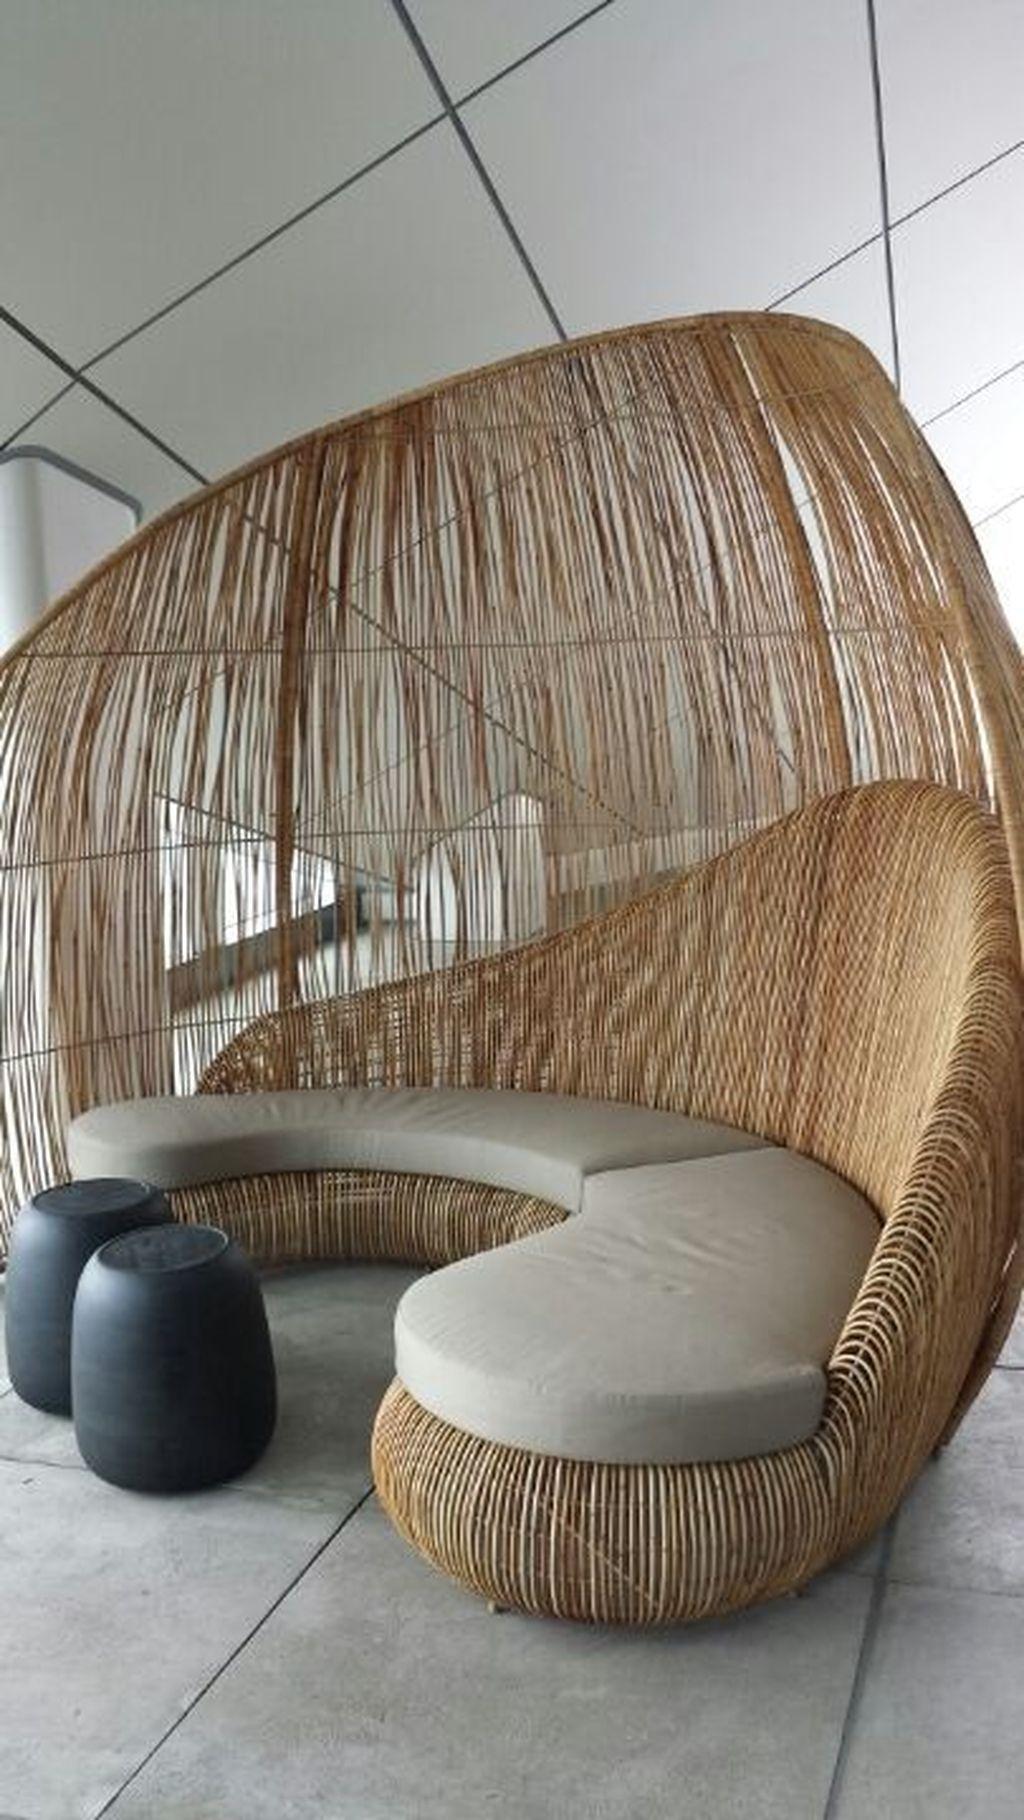 48 stylish rattan furniture design ideas rustikale gartenm bel billige gartenm bel und diy